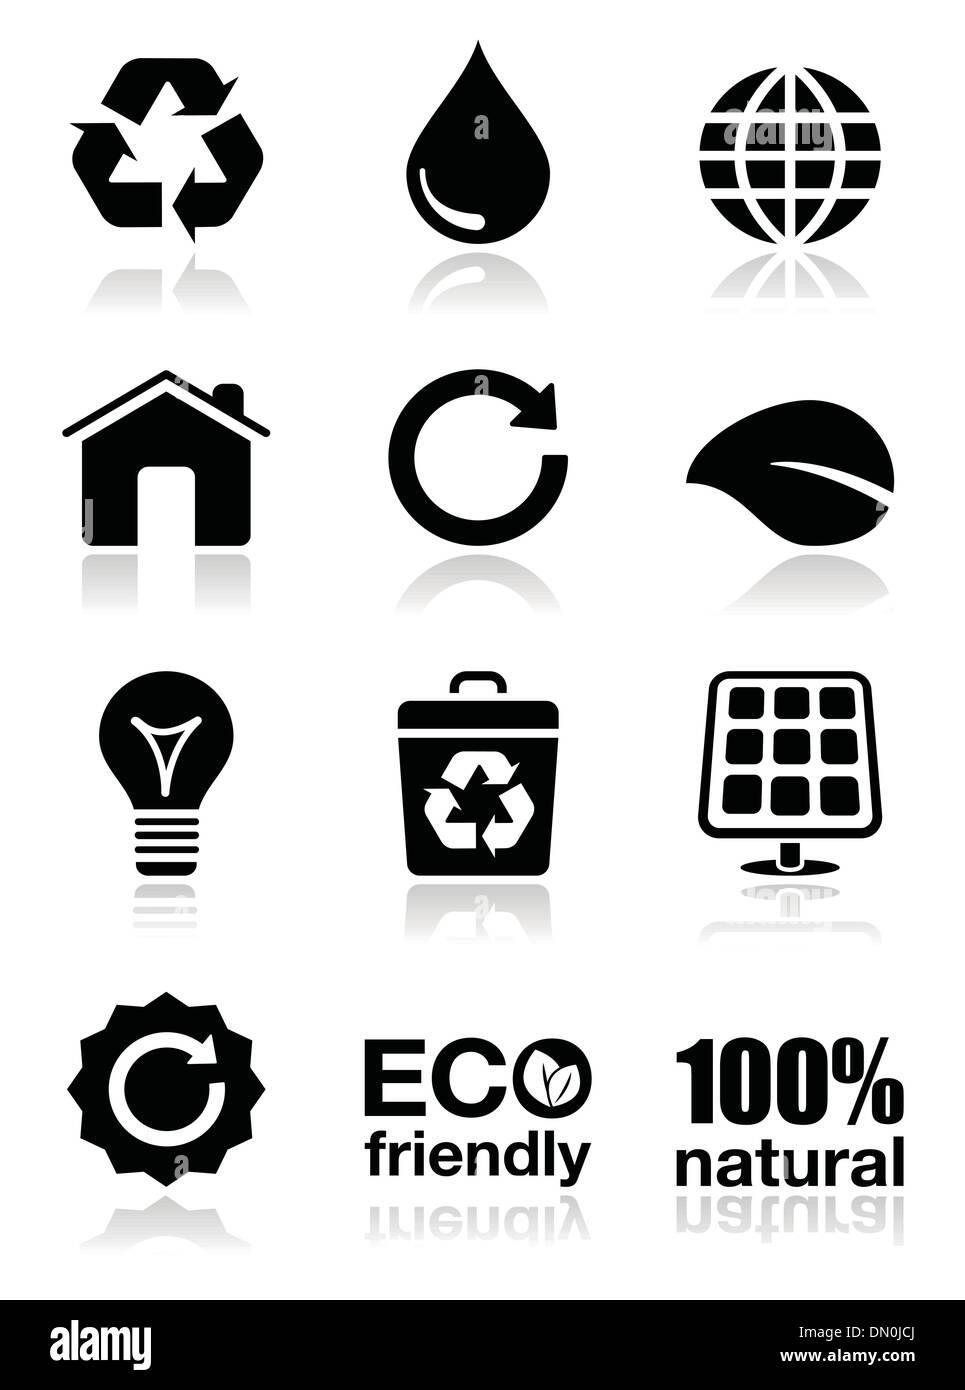 Green ecology icons set - Stock Image